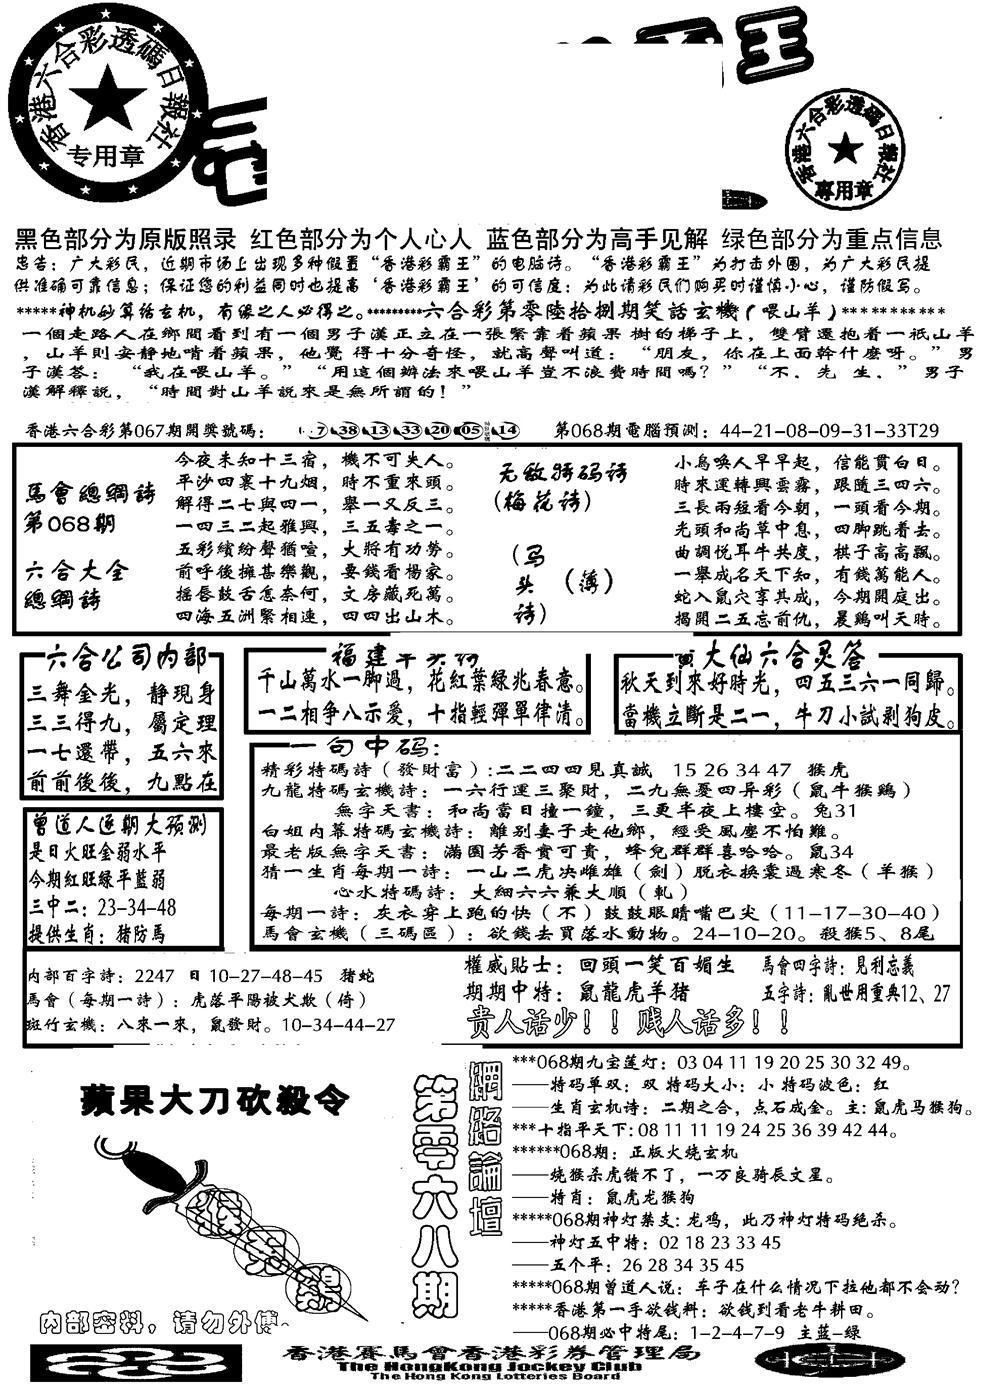 068期大刀彩霸王A(黑白)